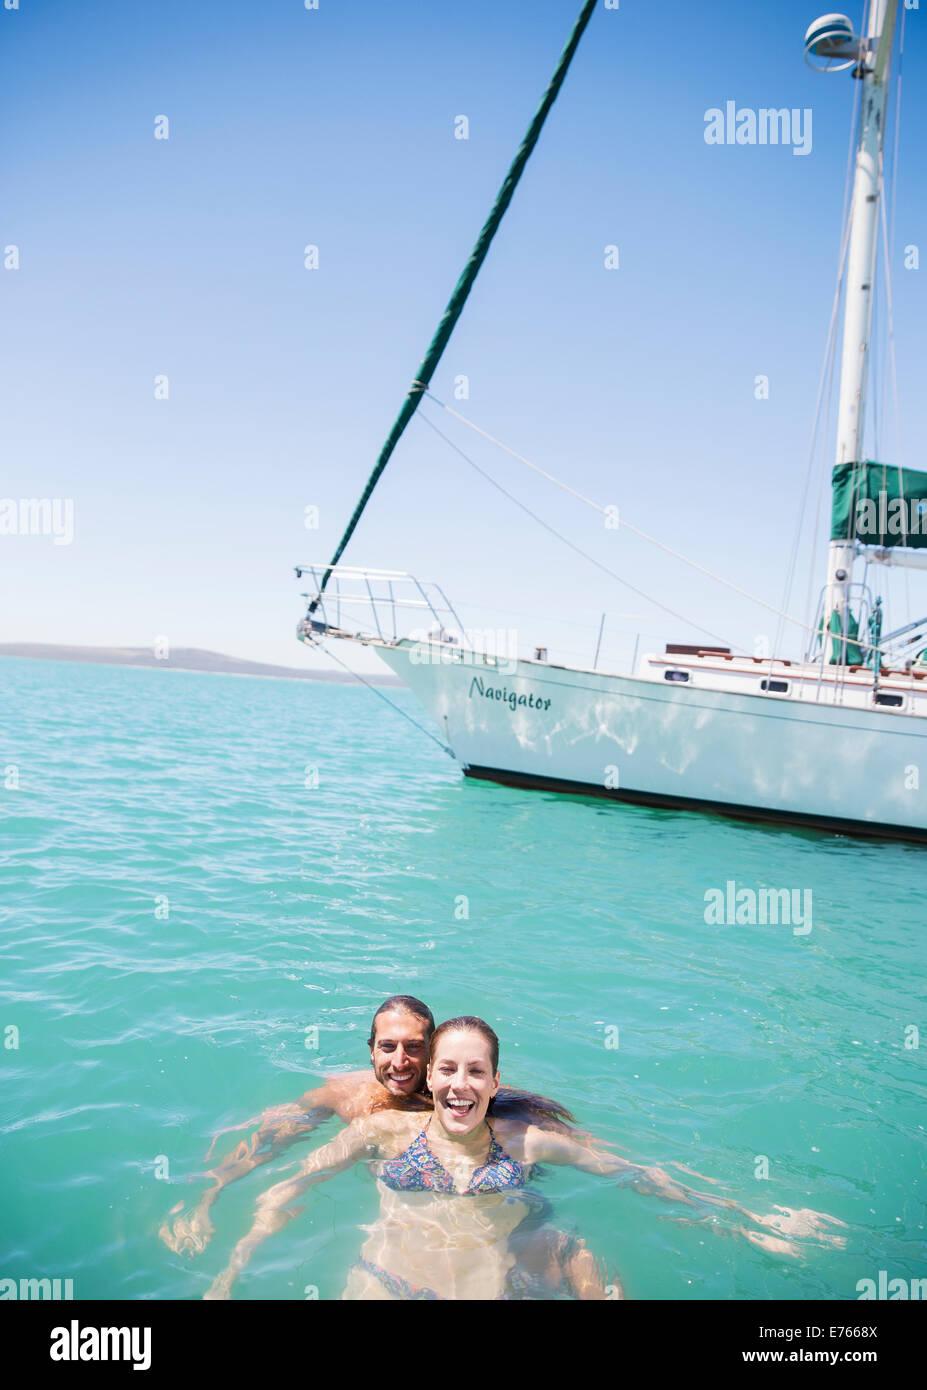 Couple swimming dans l'eau près de voile Banque D'Images